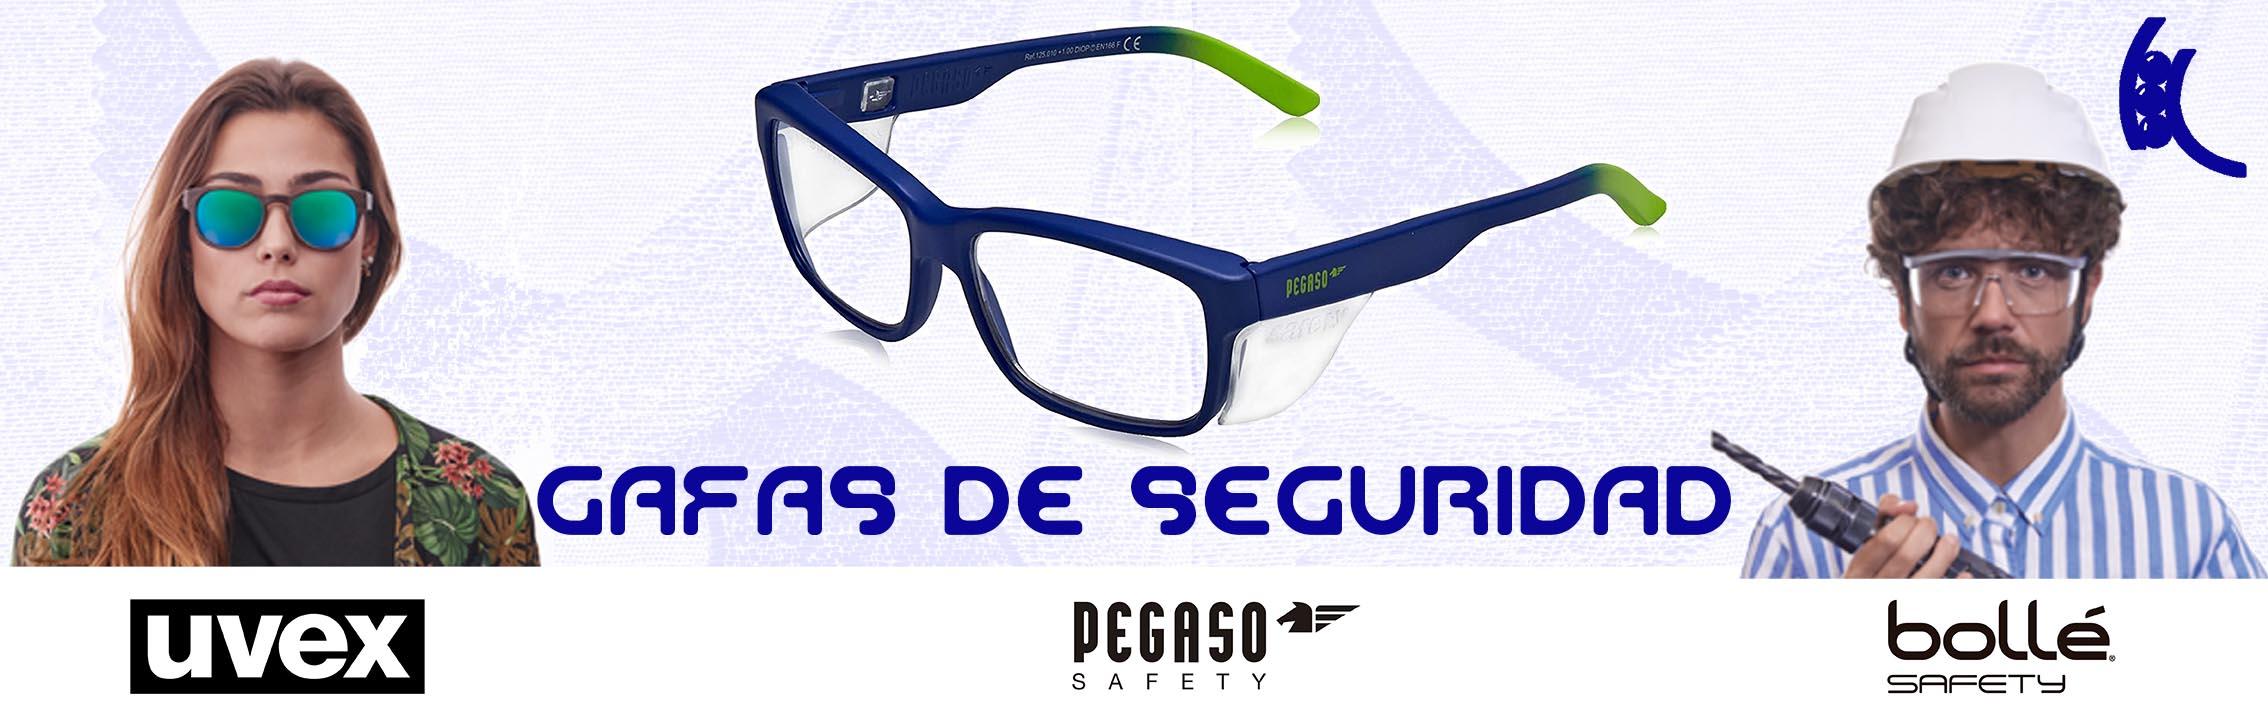 banner gafas de seguridad con marcas.jpg